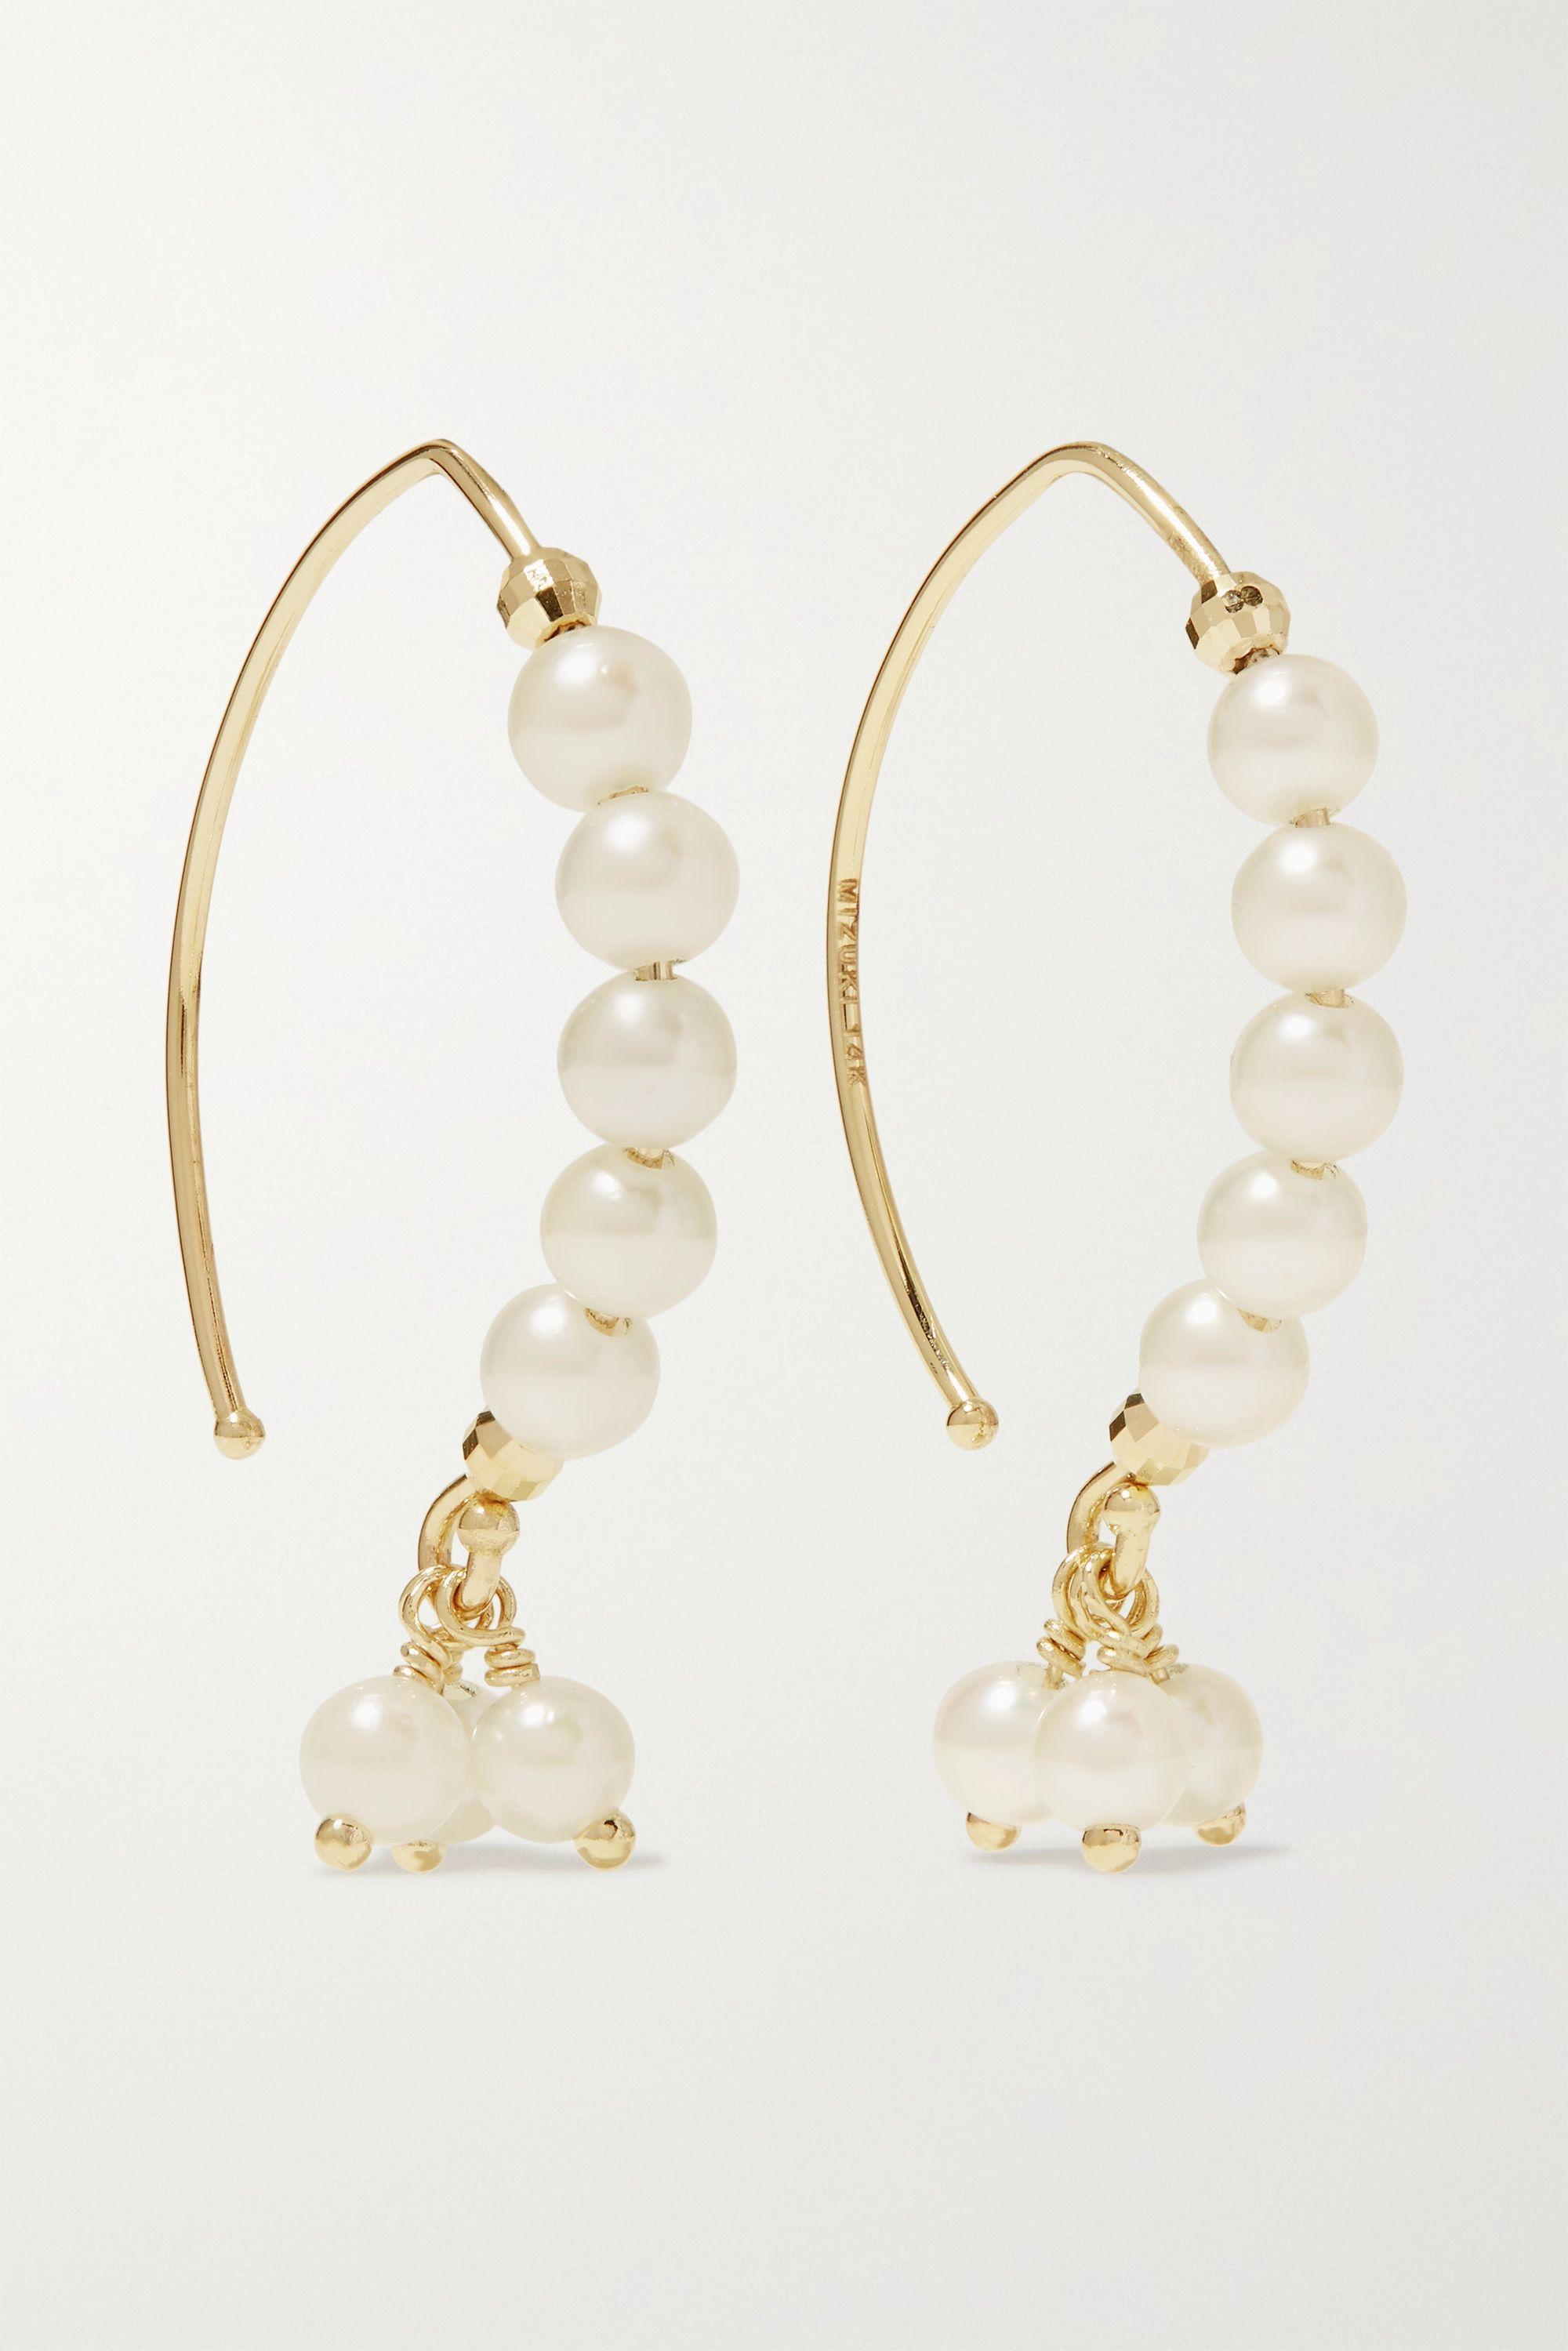 Mizuki Boucles d'oreilles en or 14 carats (585/1000) et perles